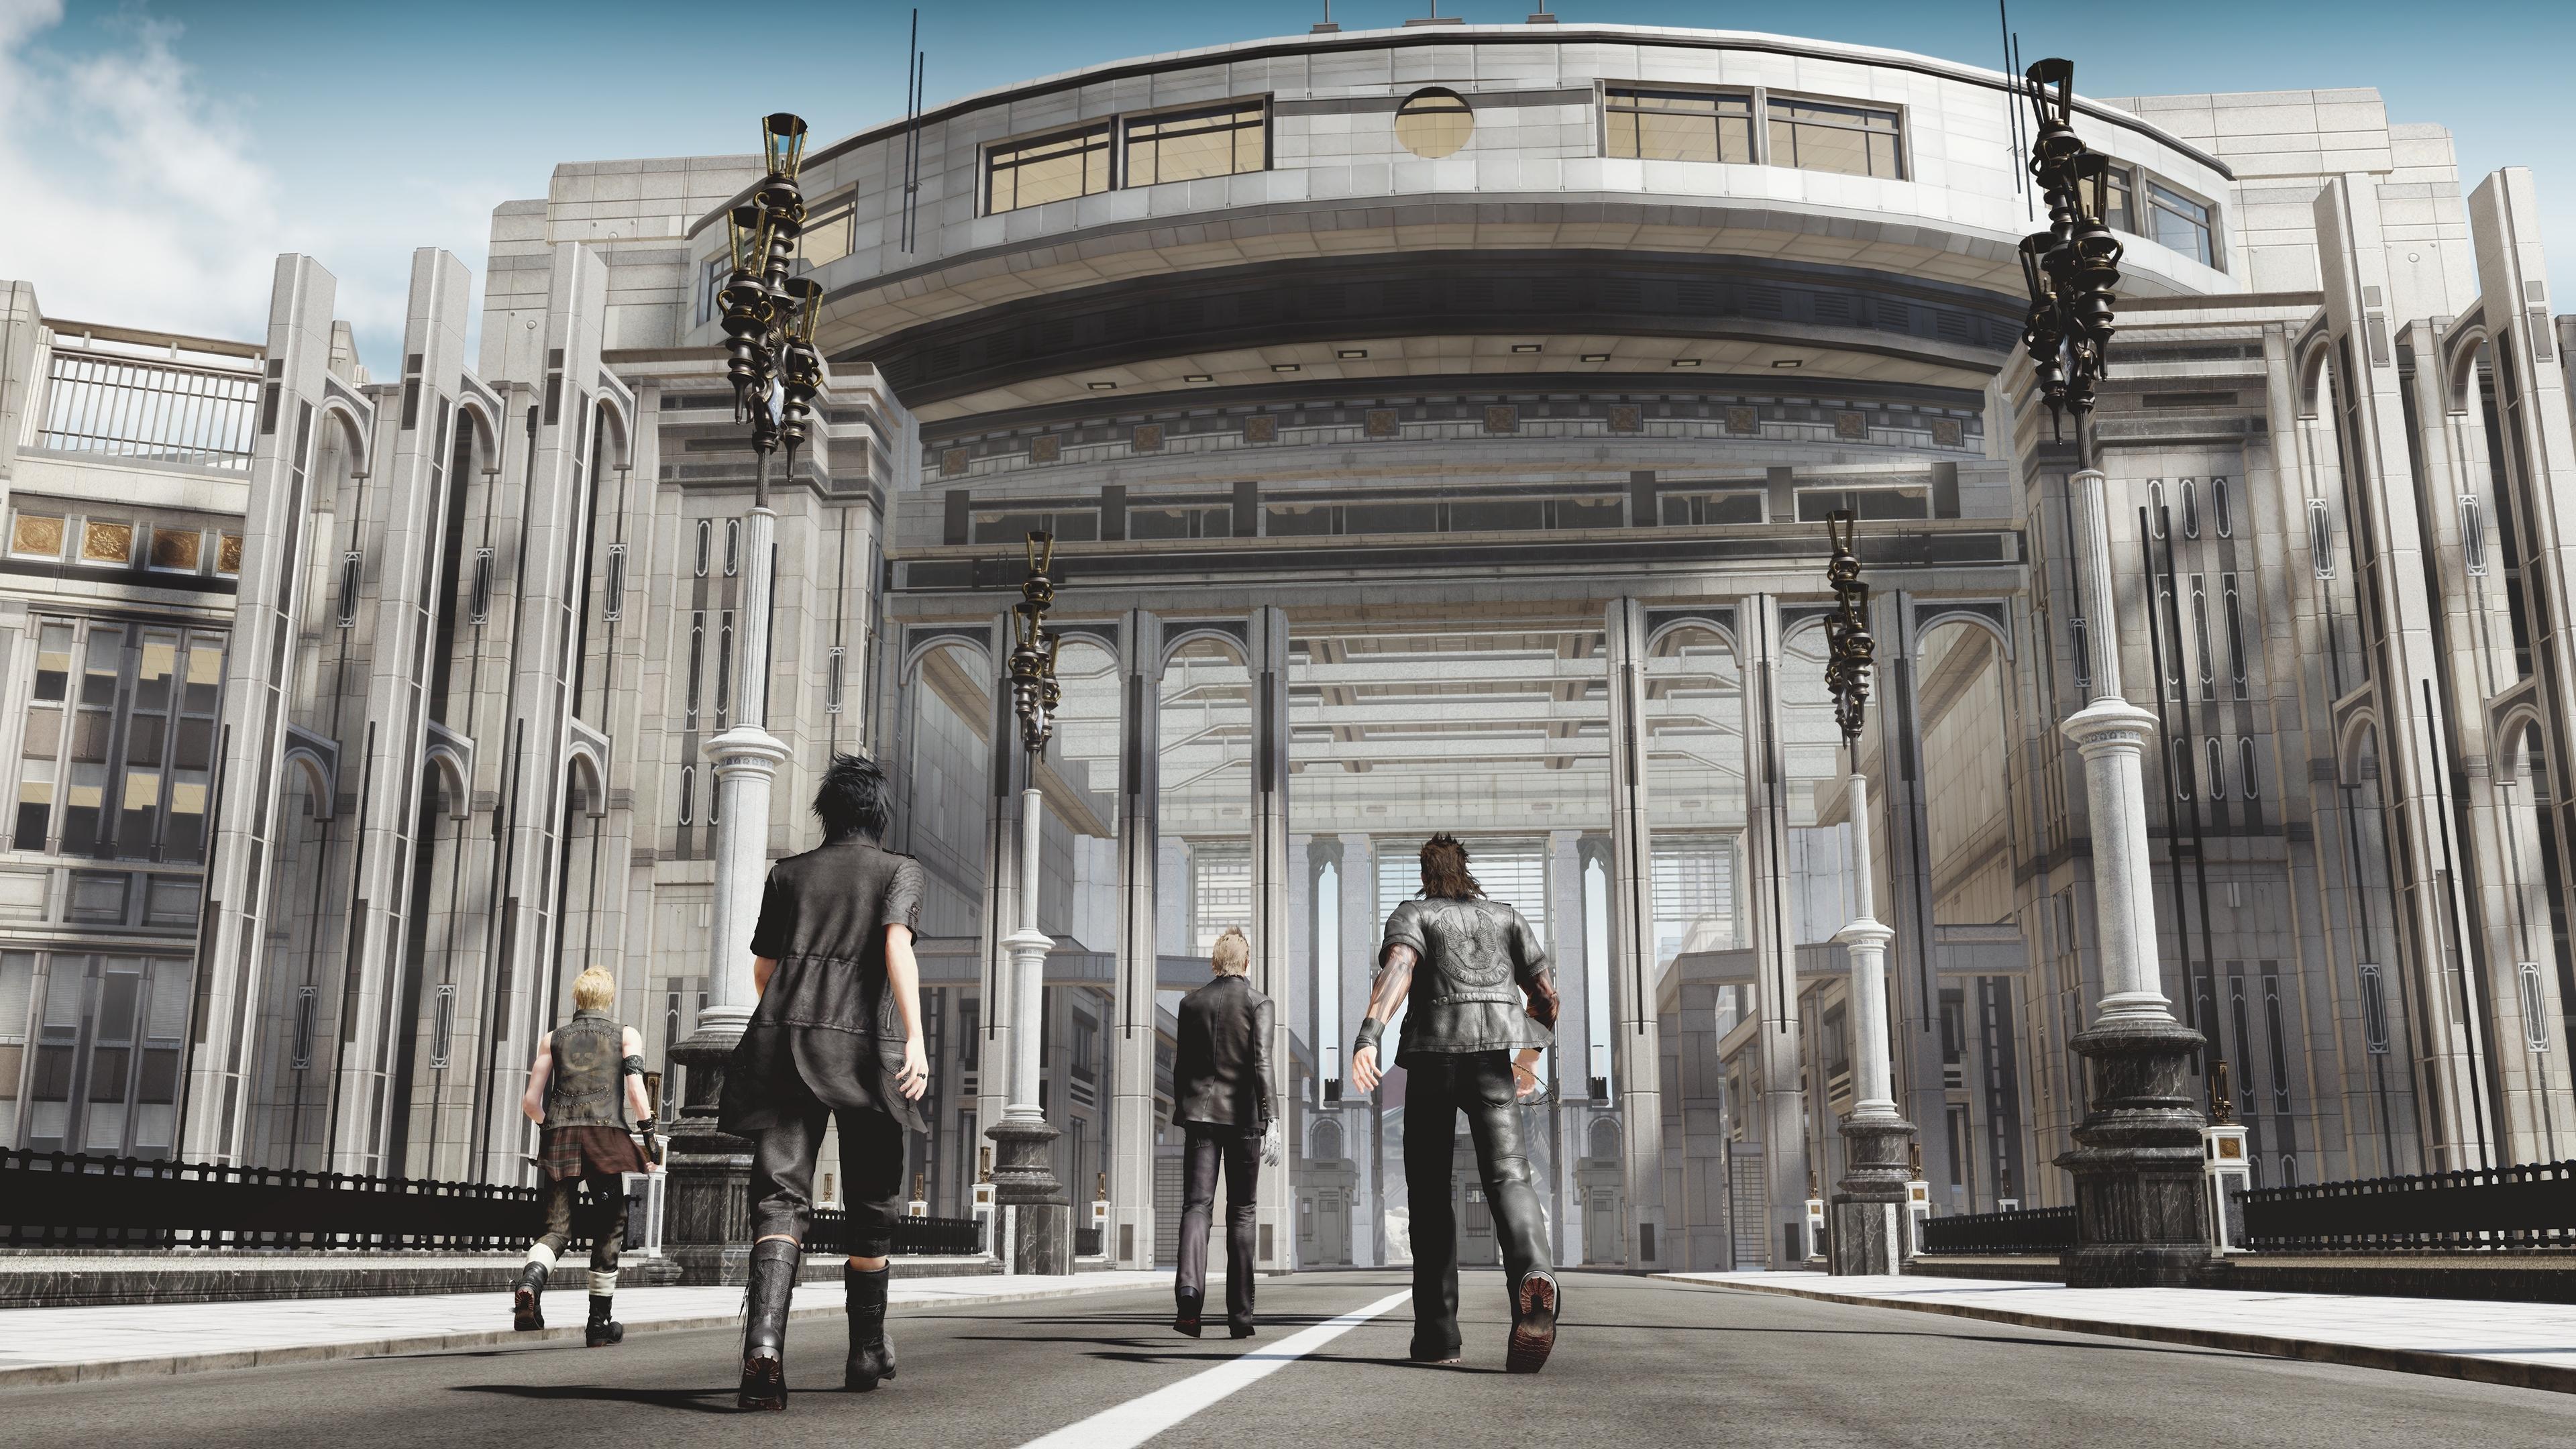 Final Fantasy Xv Wallpaper